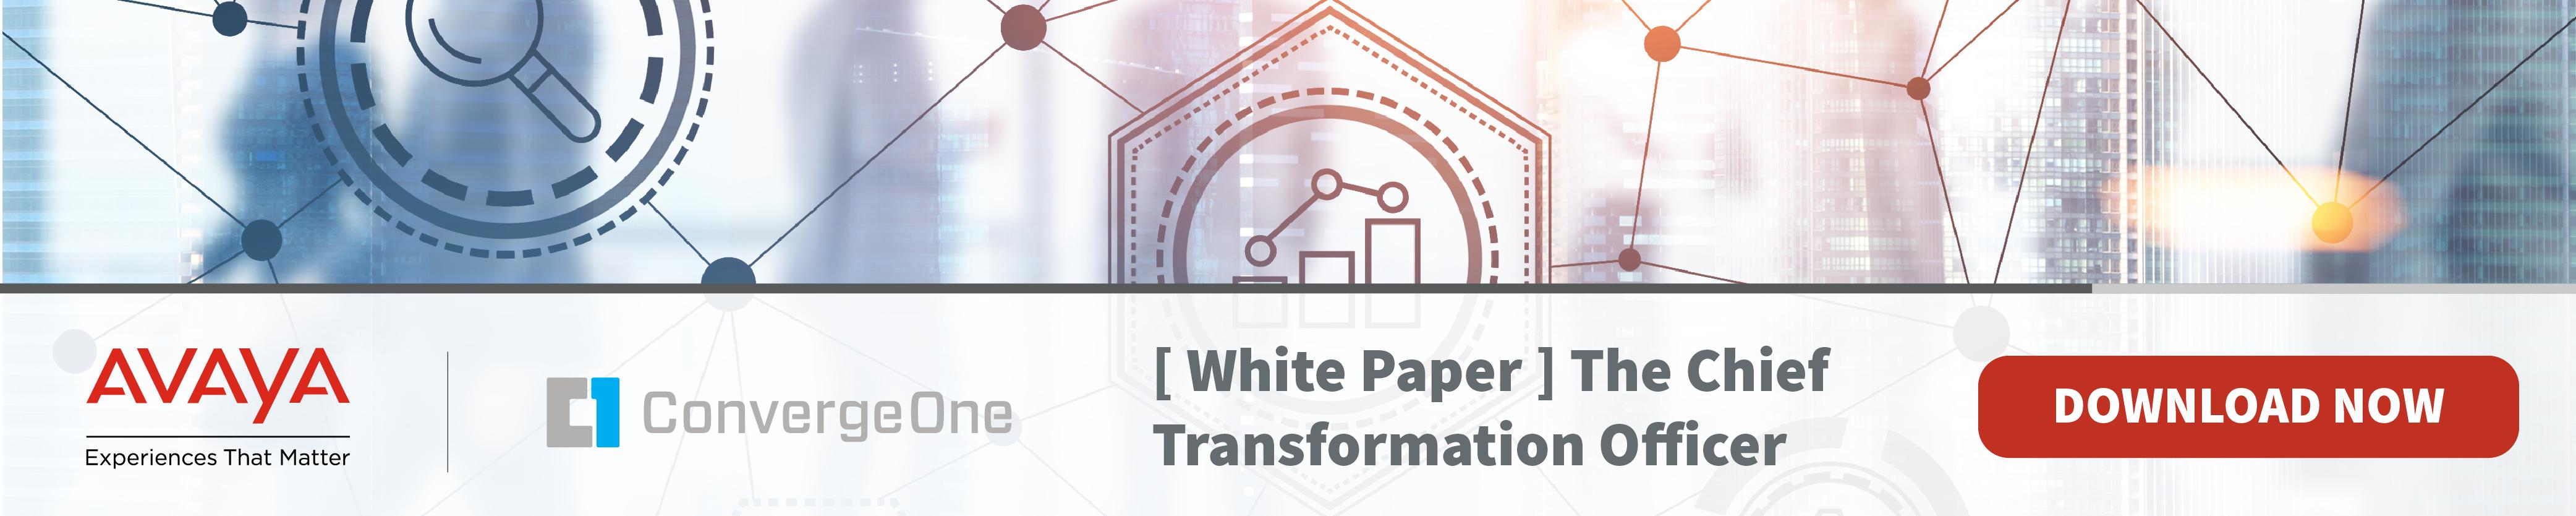 cmo-white-paper-web-01